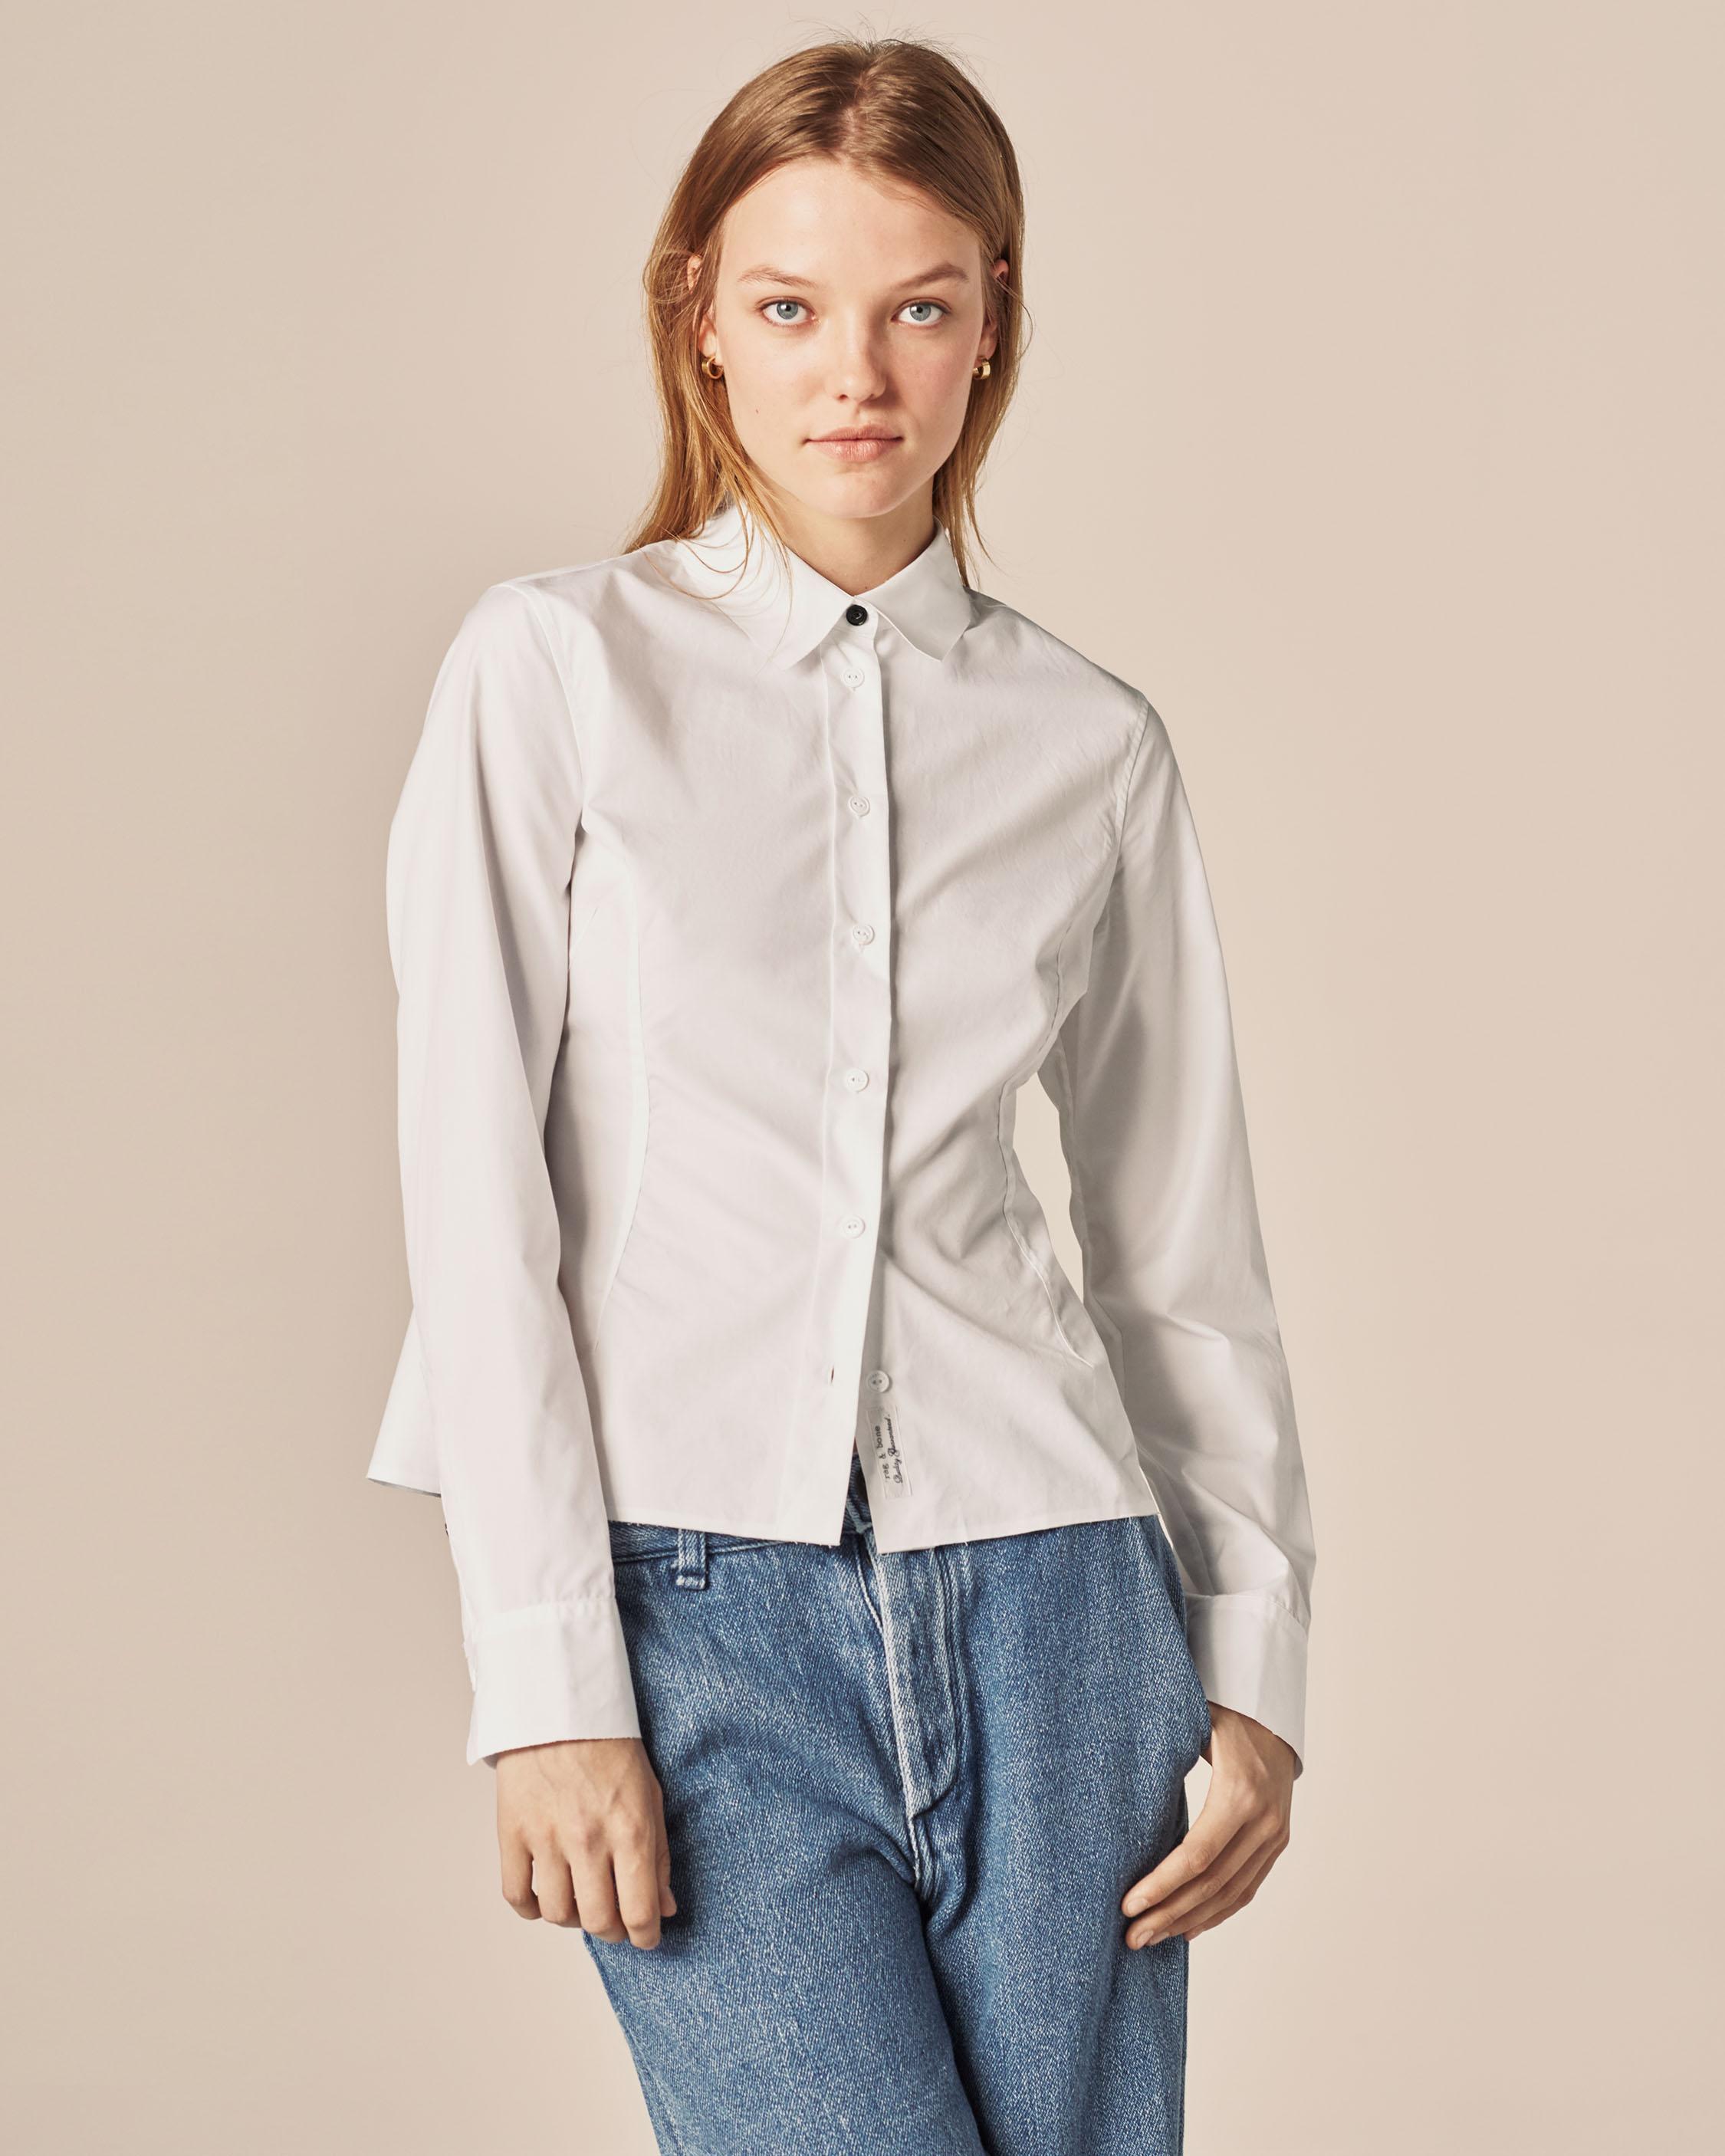 439f1597af59 Albion Shirt